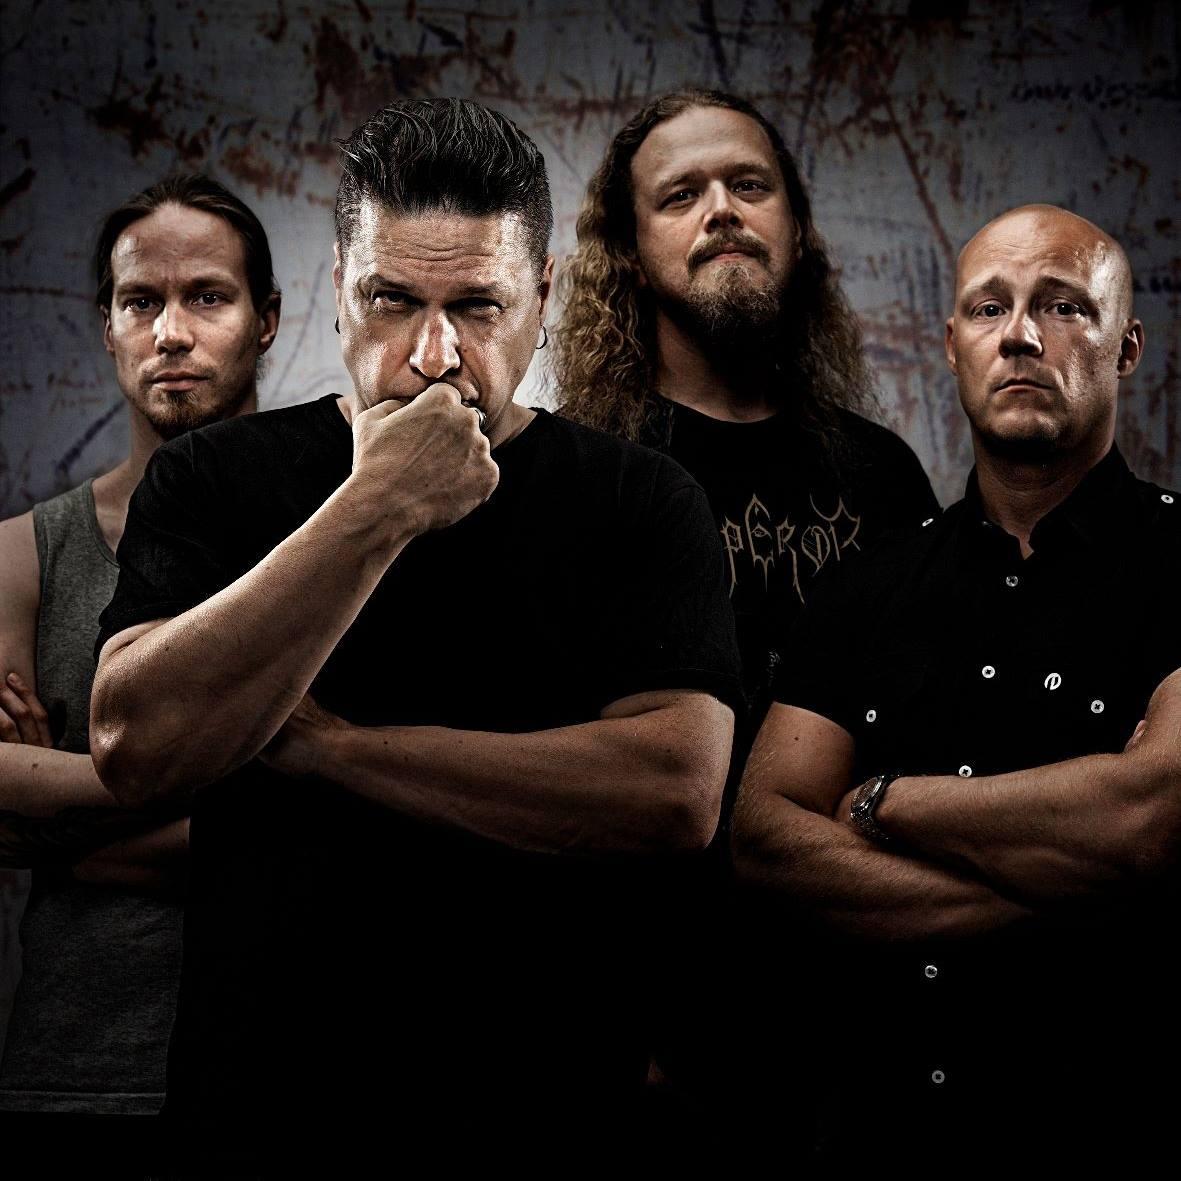 Finska rockgruppen Diablo.